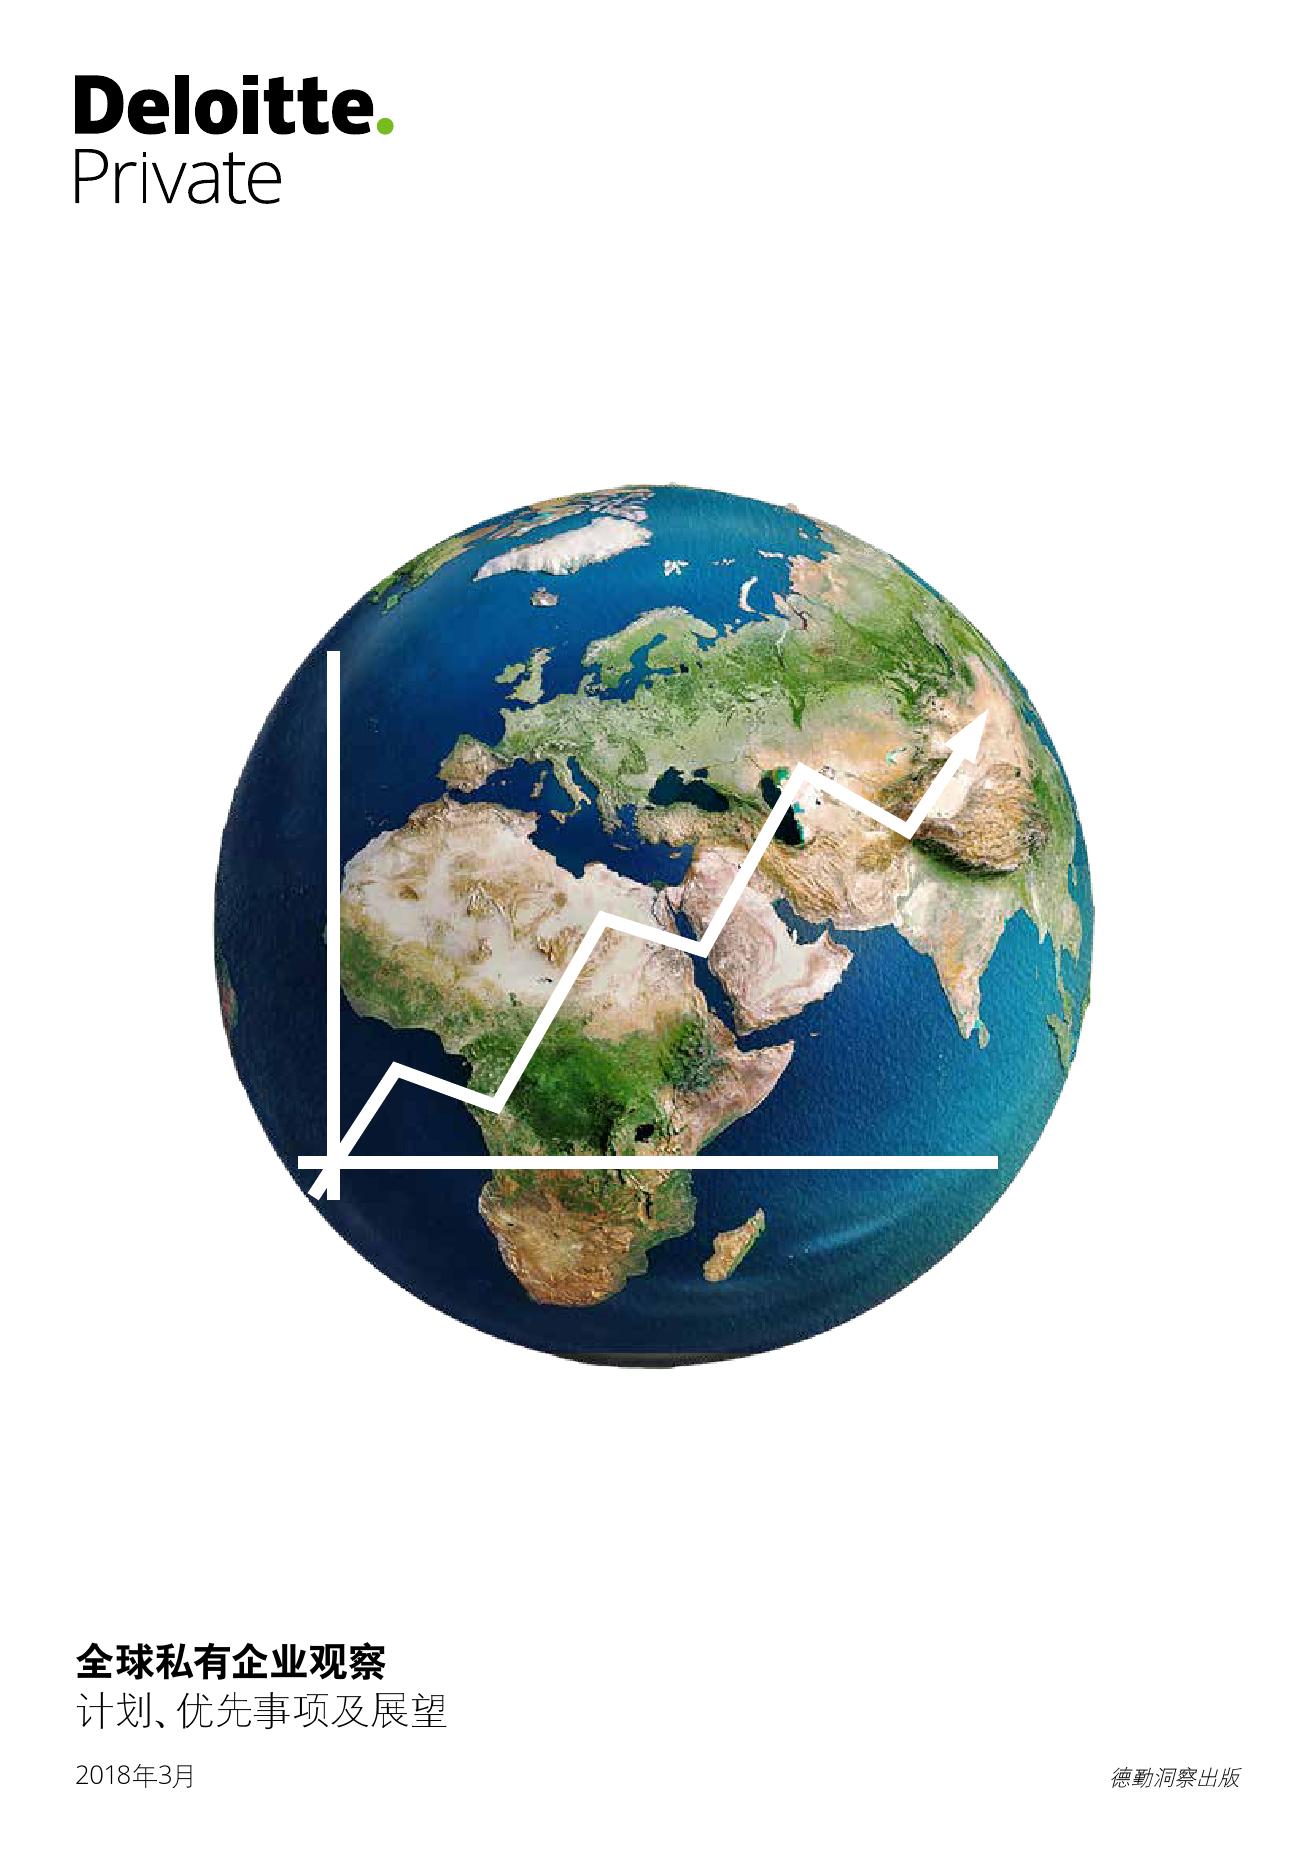 德勤咨询:全球私有企业观察,计划、优先事项及展望(附下载)